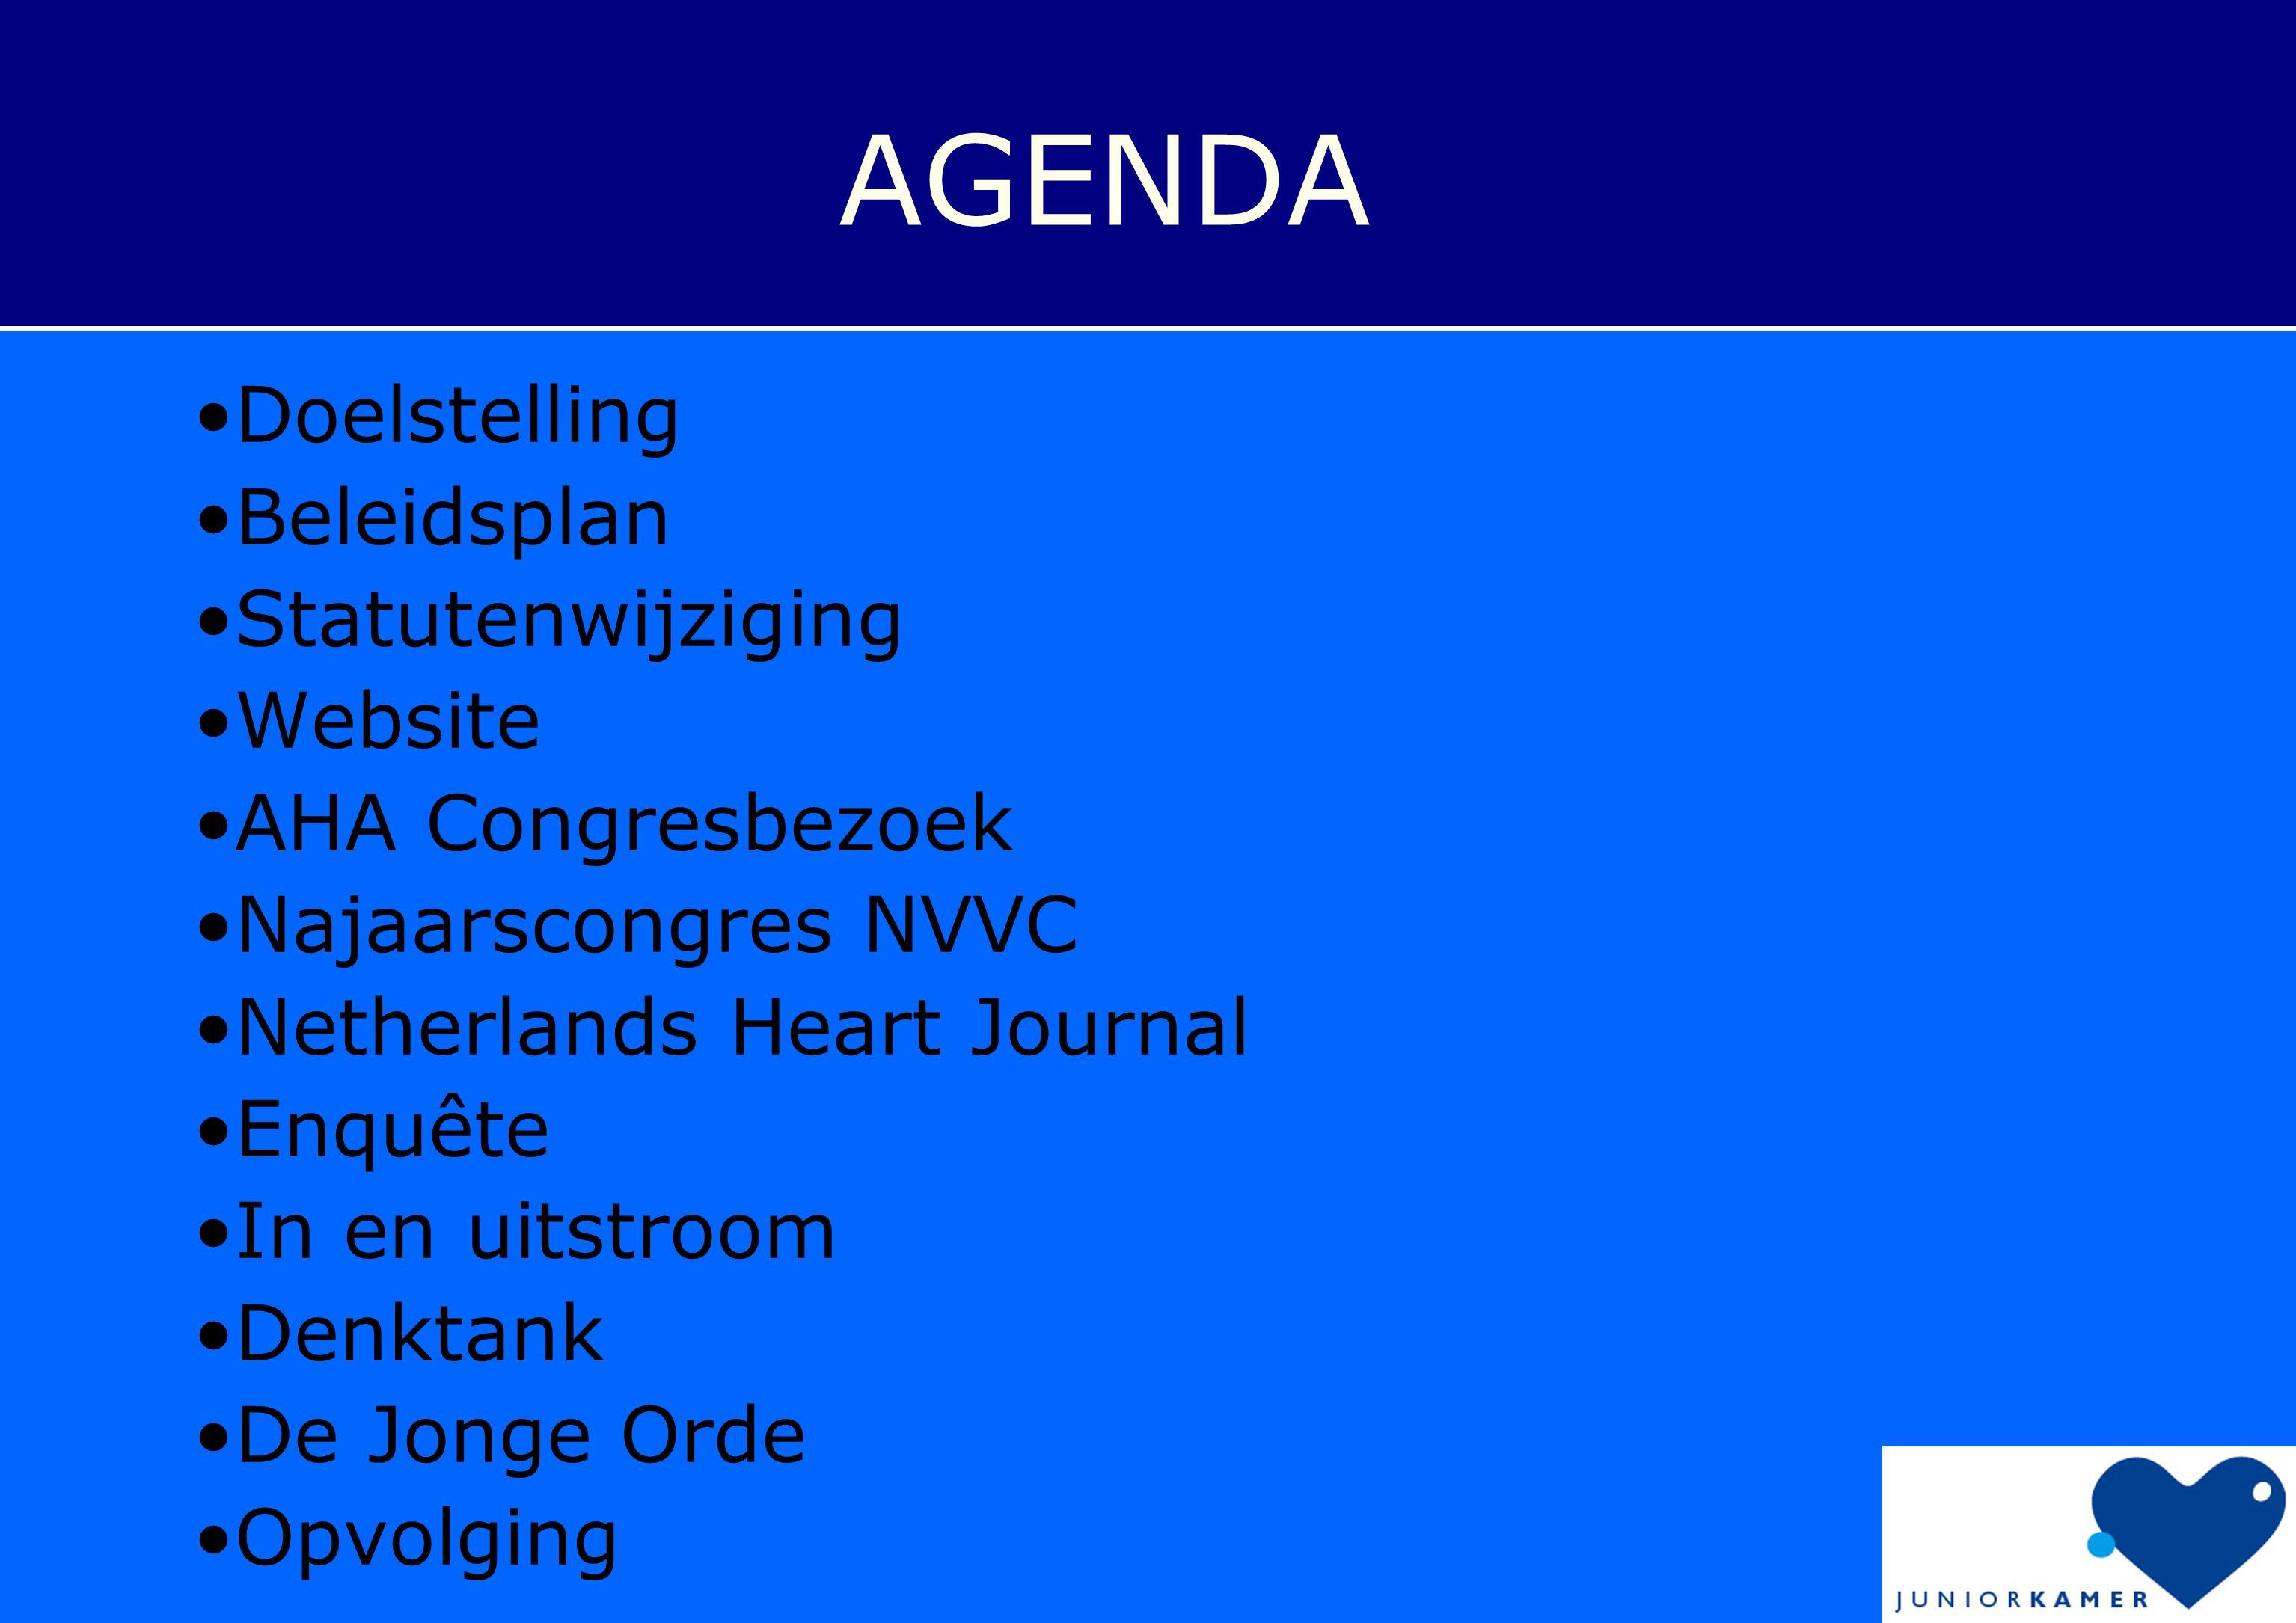 AGENDA Doelstelling Beleidsplan Statutenwijziging Website